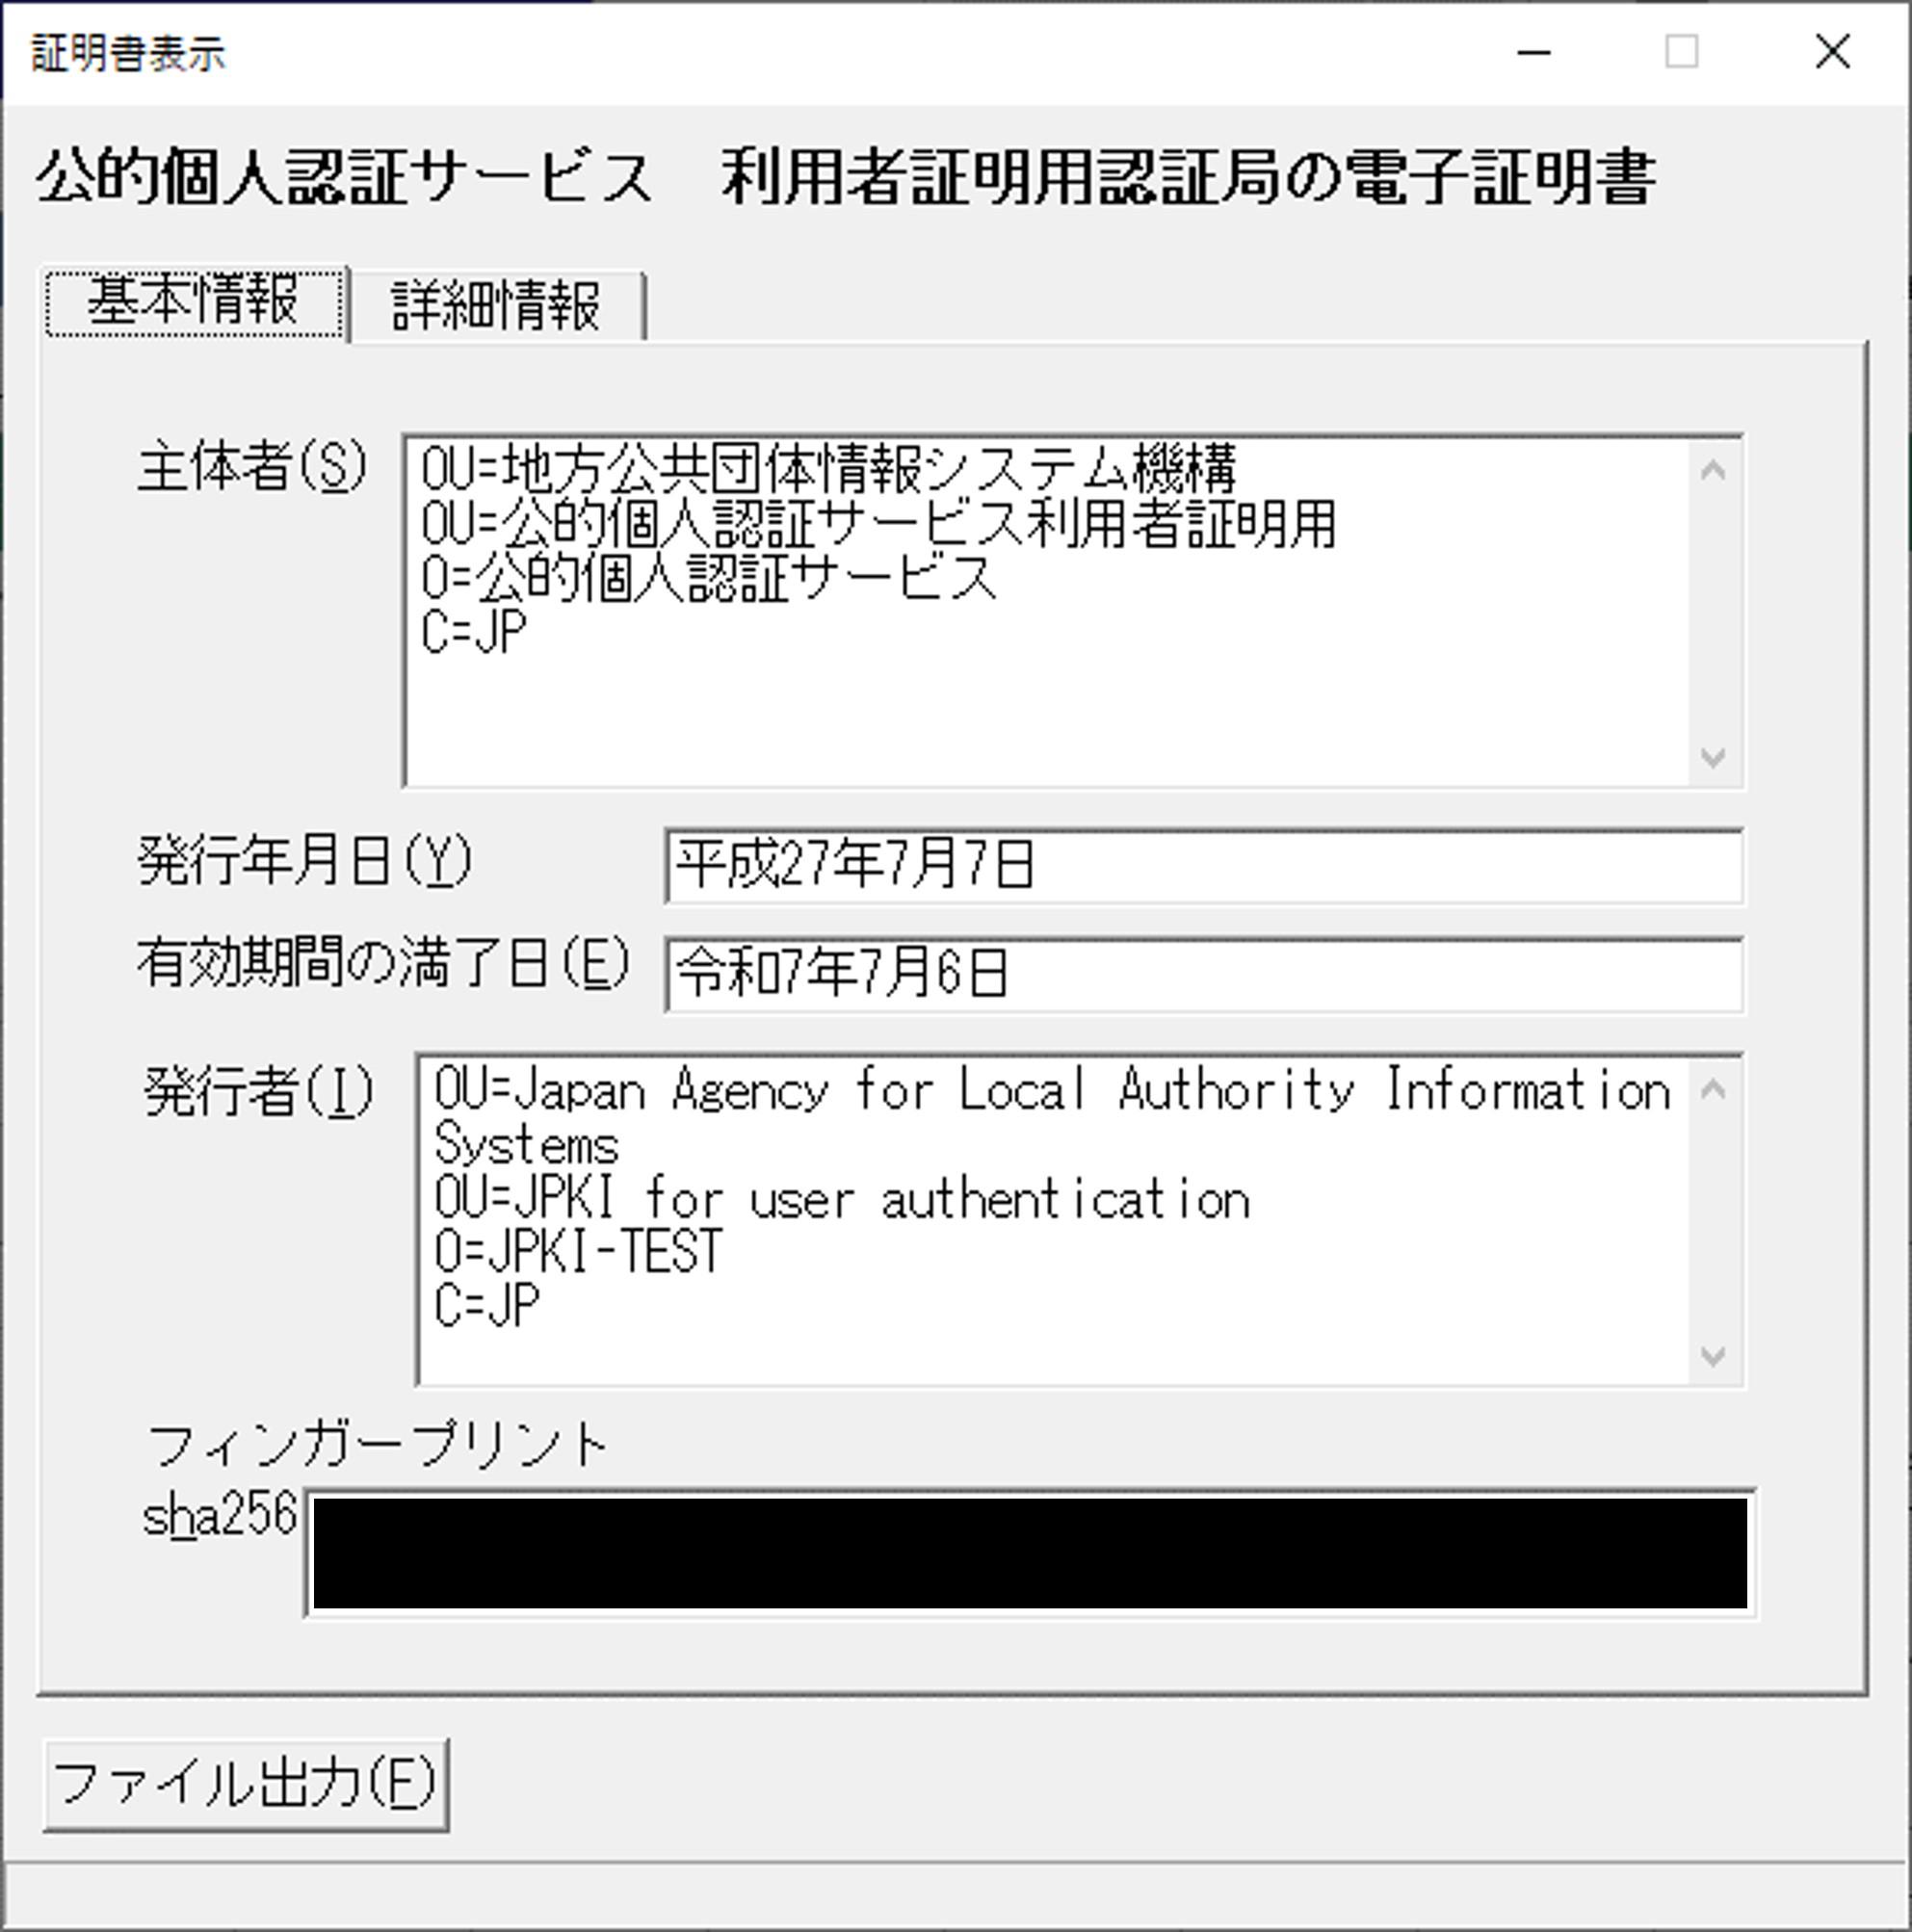 電子 書 証明 用 署名